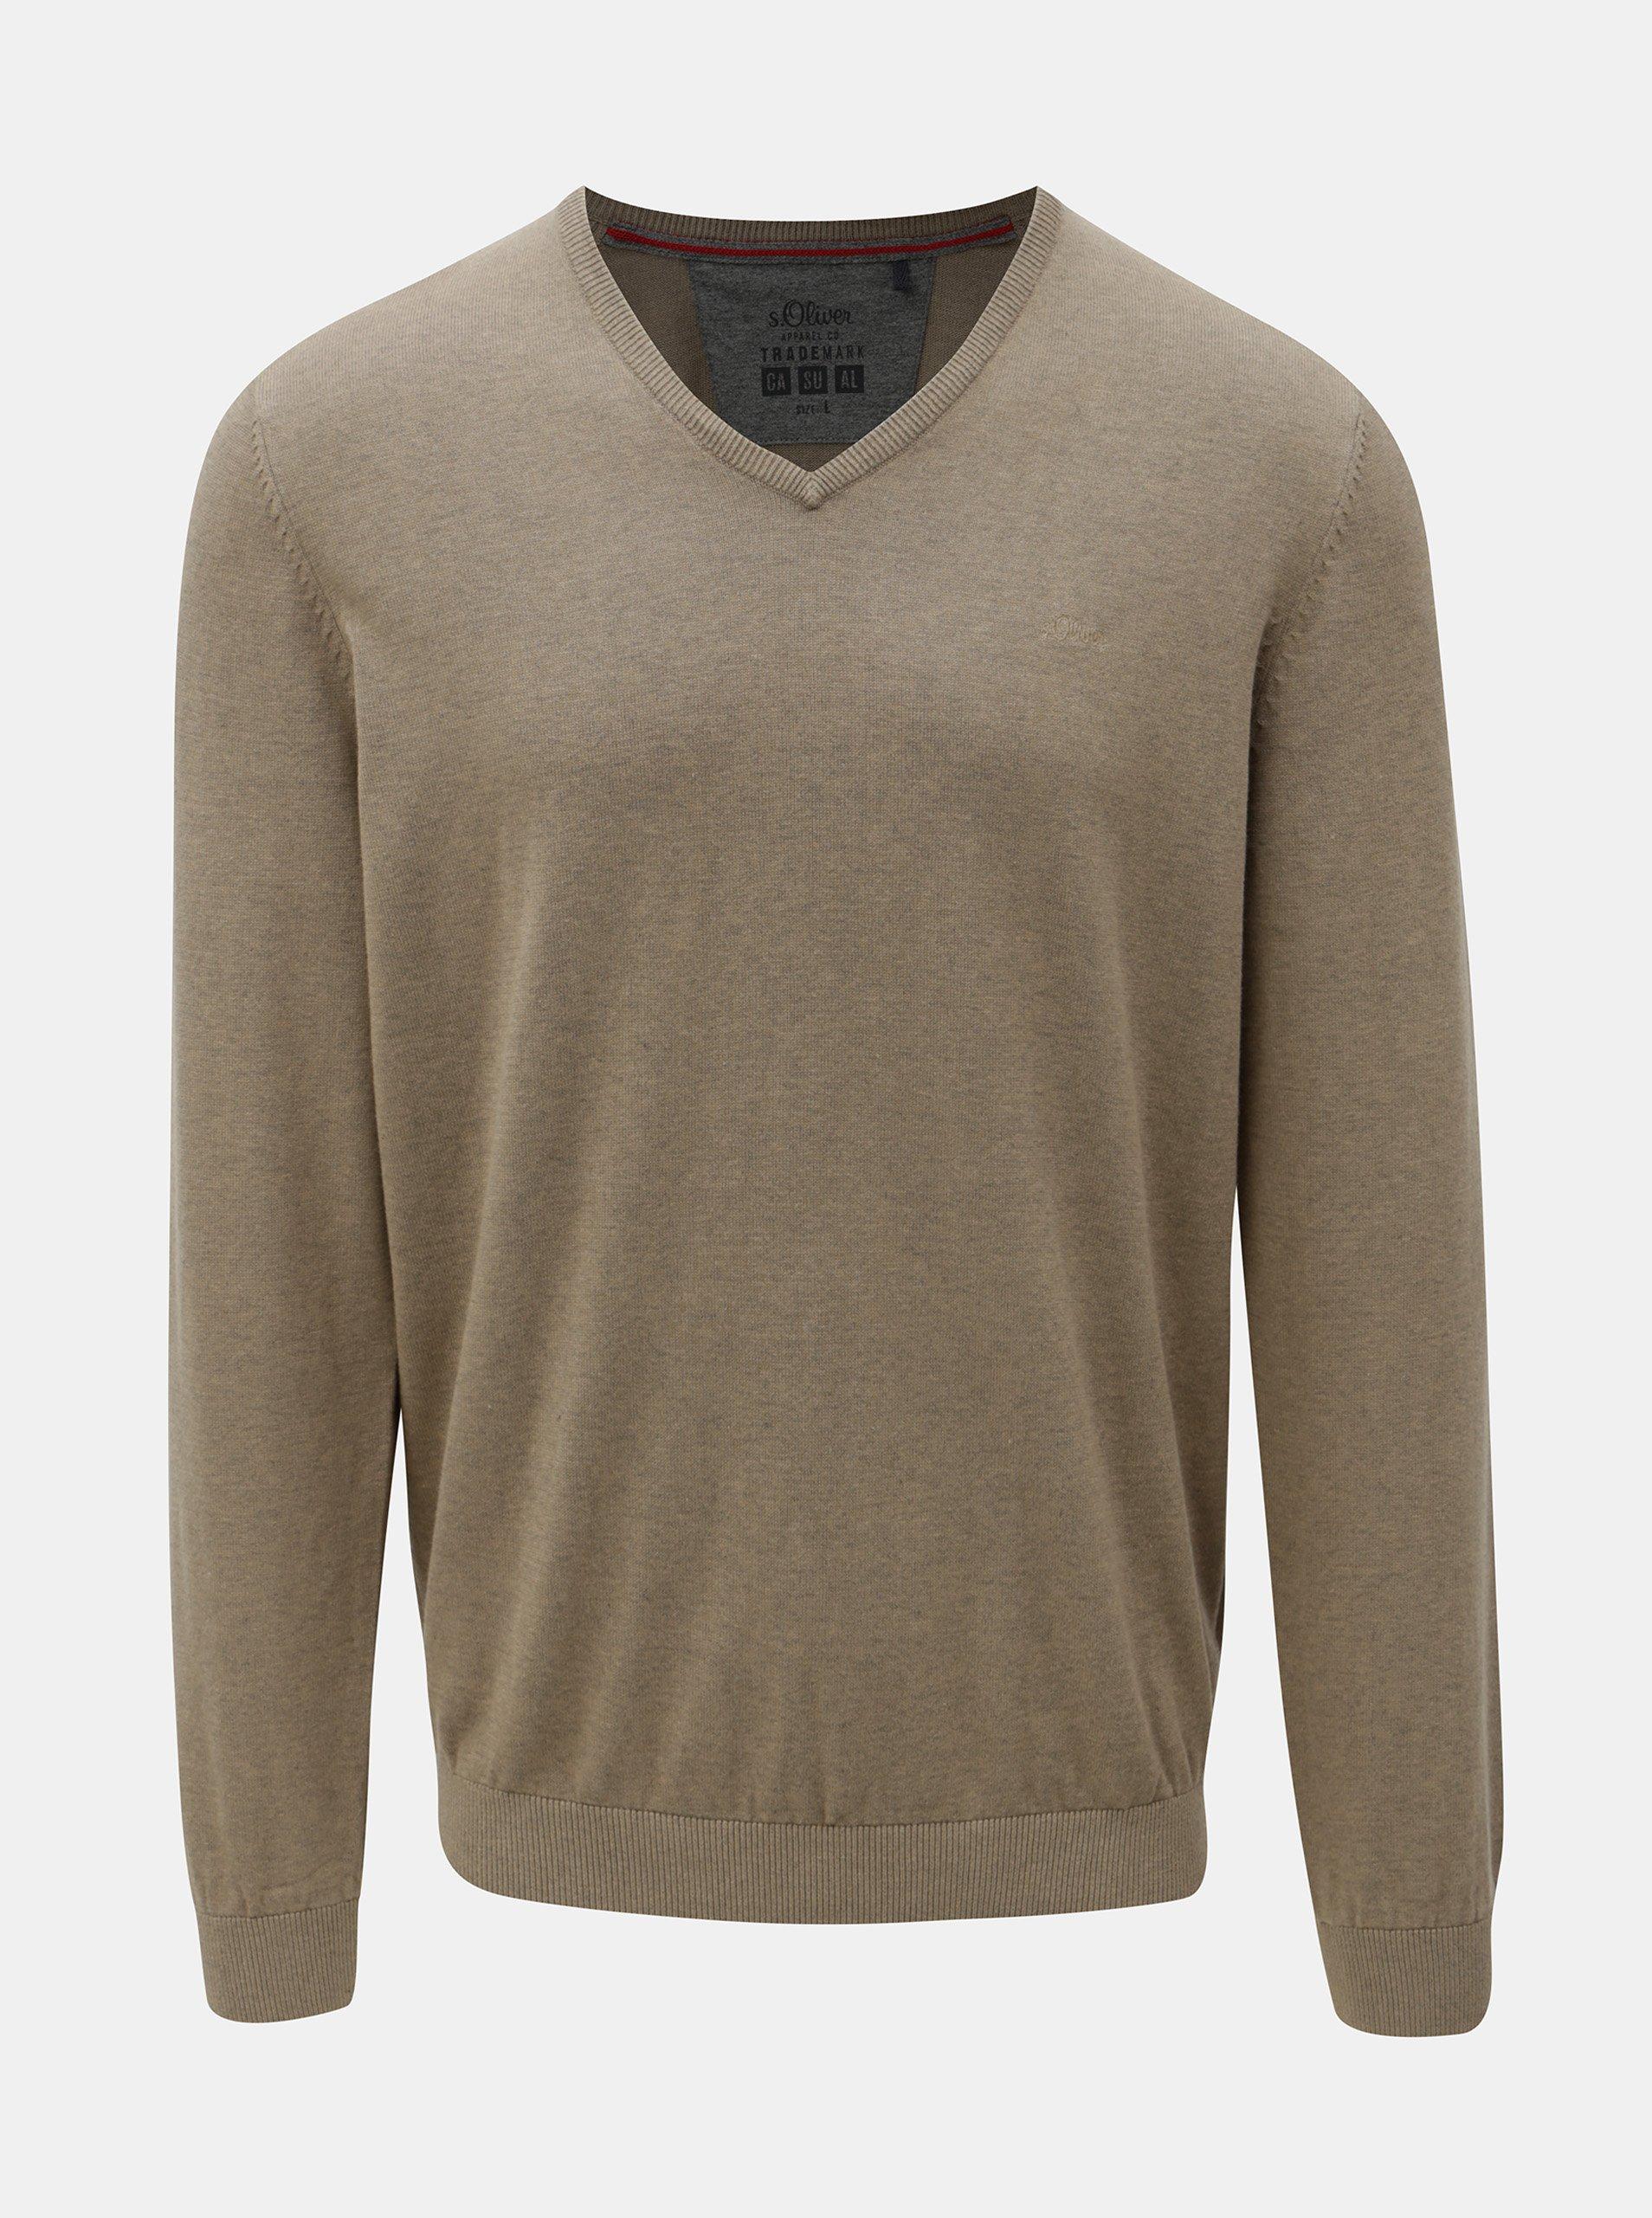 Béžový pánský lehký svetr s véčkovým výstřihem s.Oliver 472e57ed10